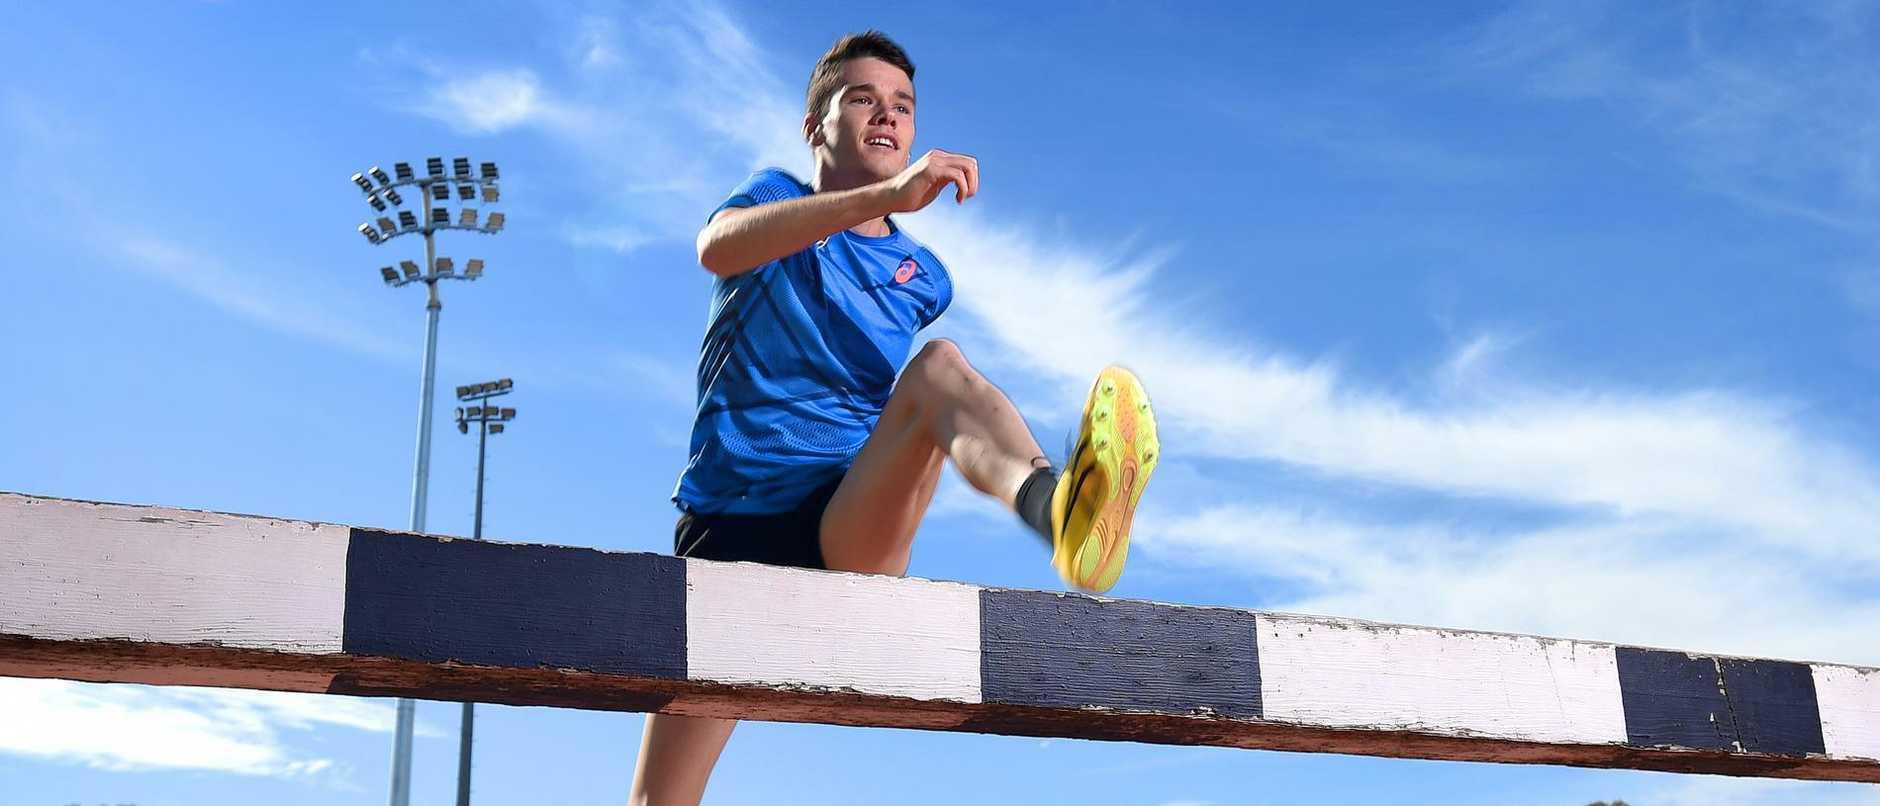 Max Stevens - steeplechase